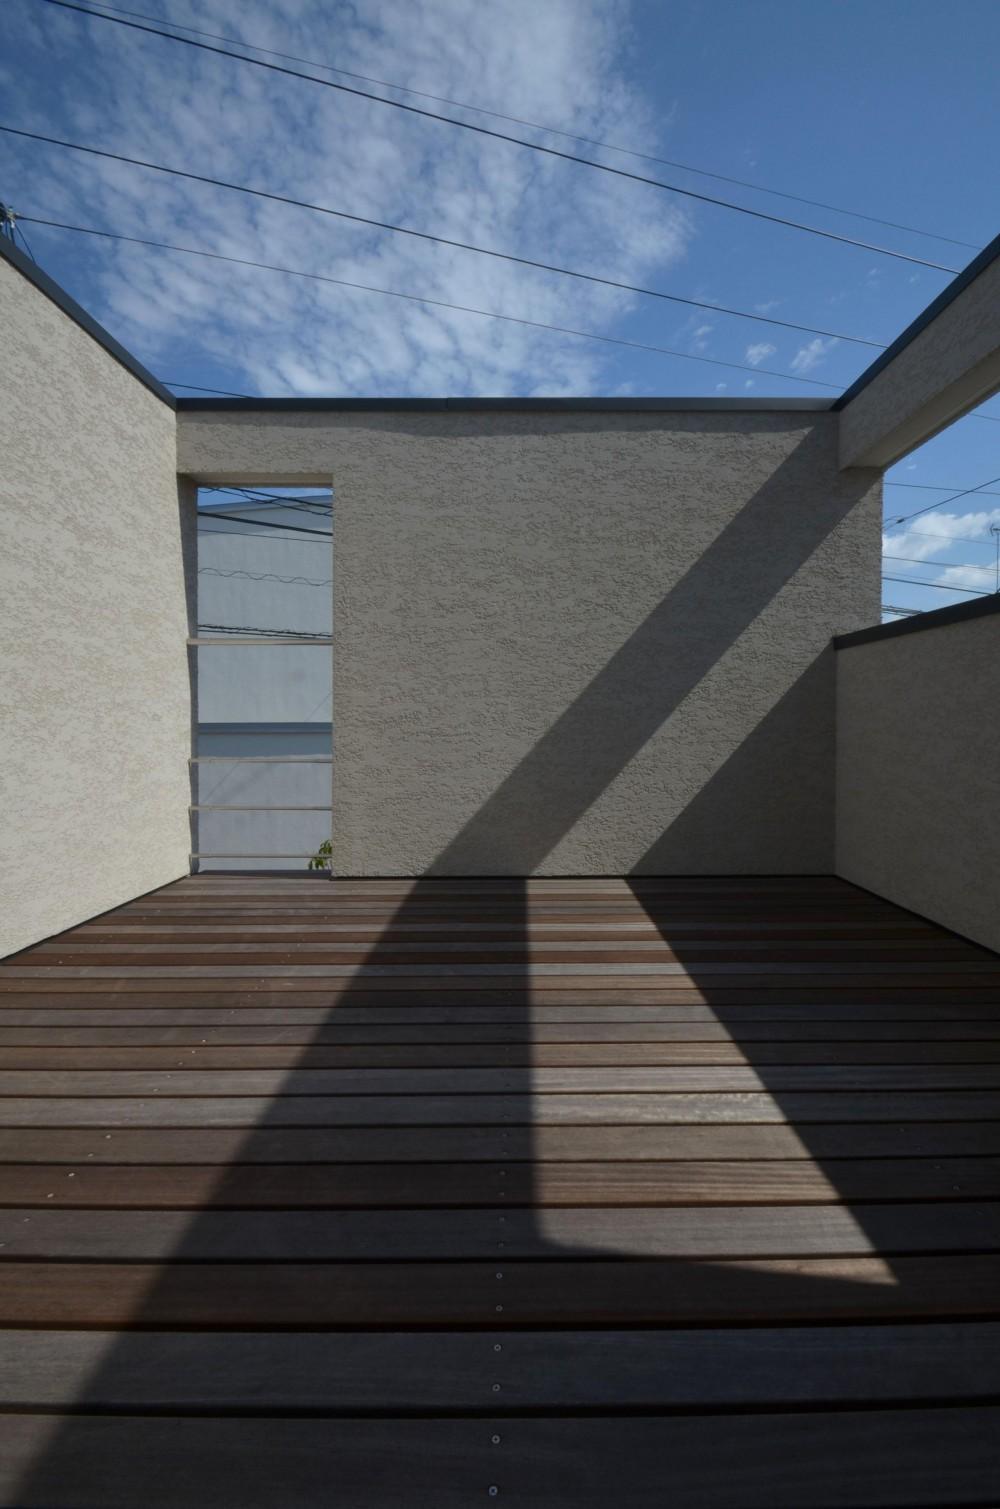 中村プロジェクト-注文住宅同様に丁寧につくりあげた5棟の建売住宅- (B棟デッキ)